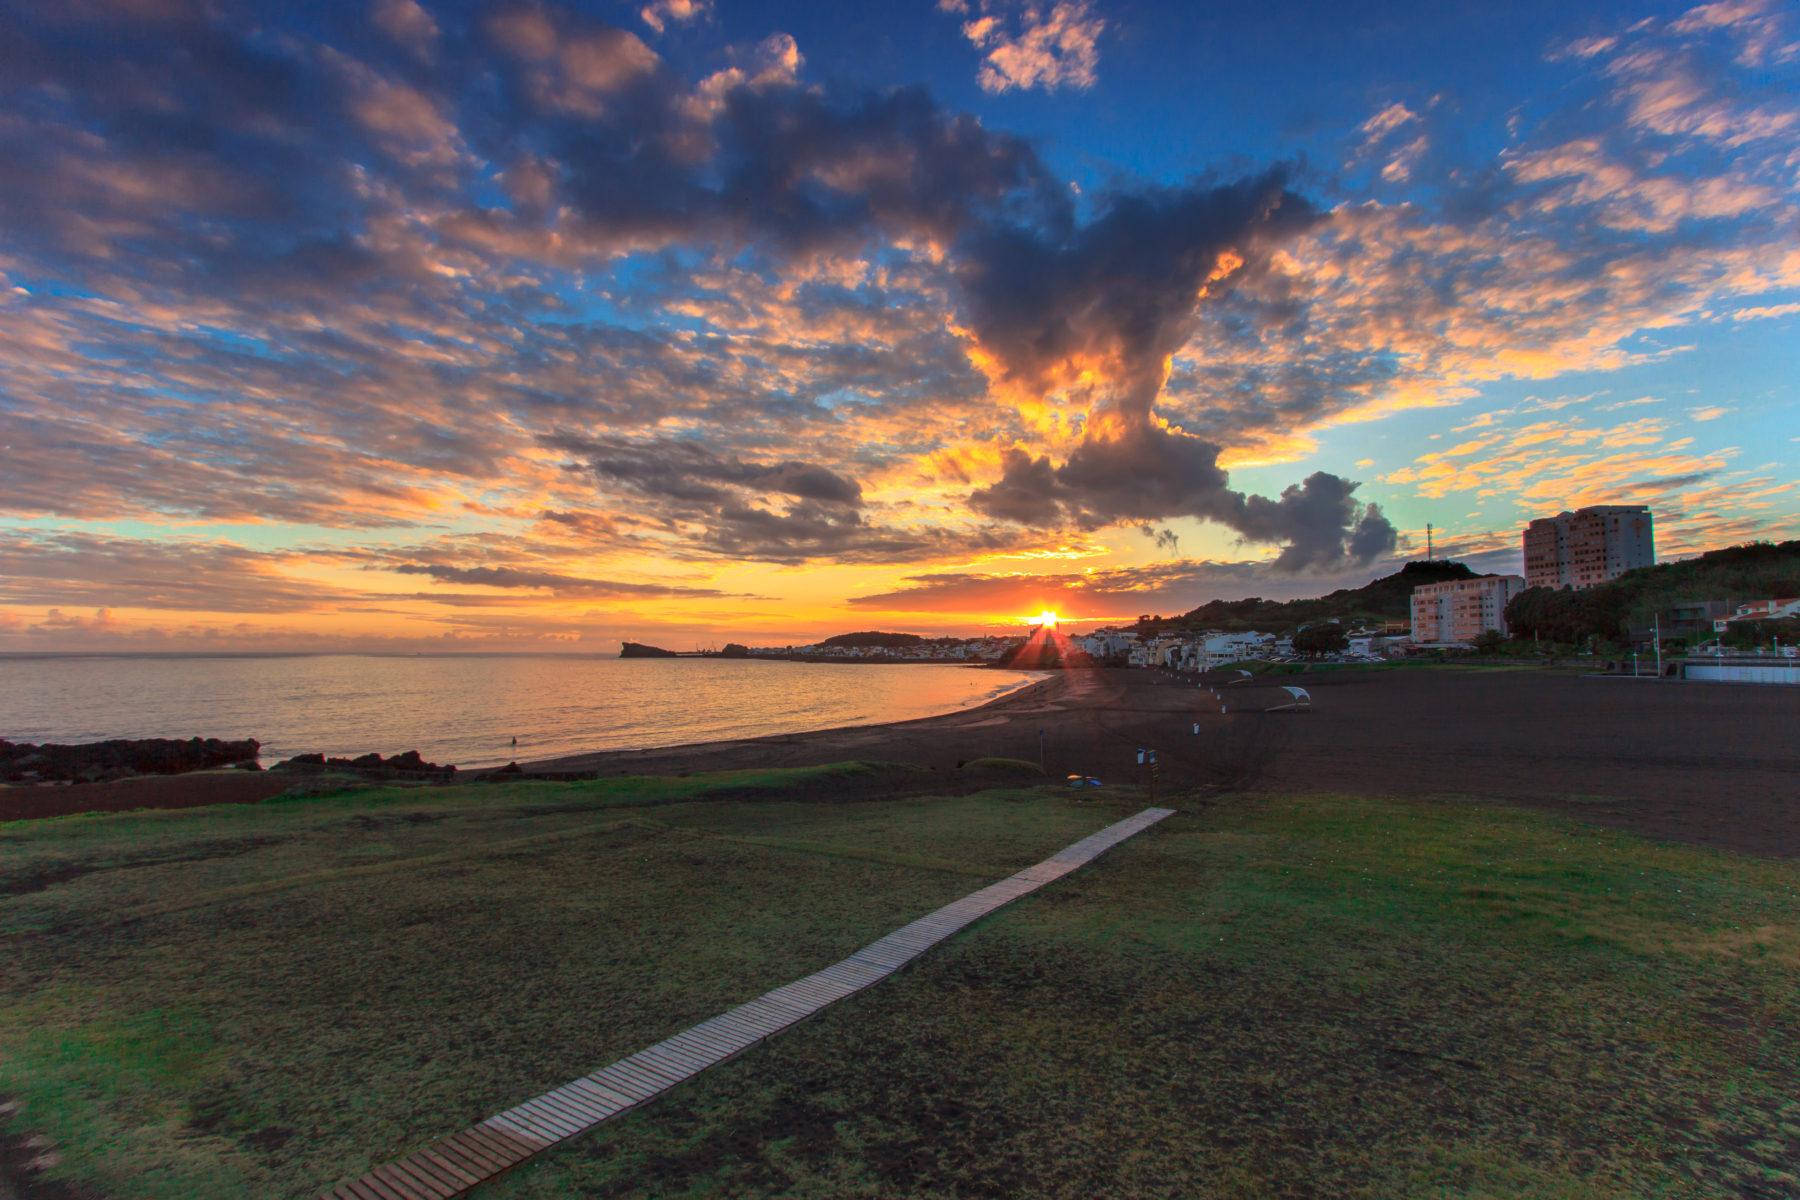 Sunset Praia das Milicias, Ponta Delgada